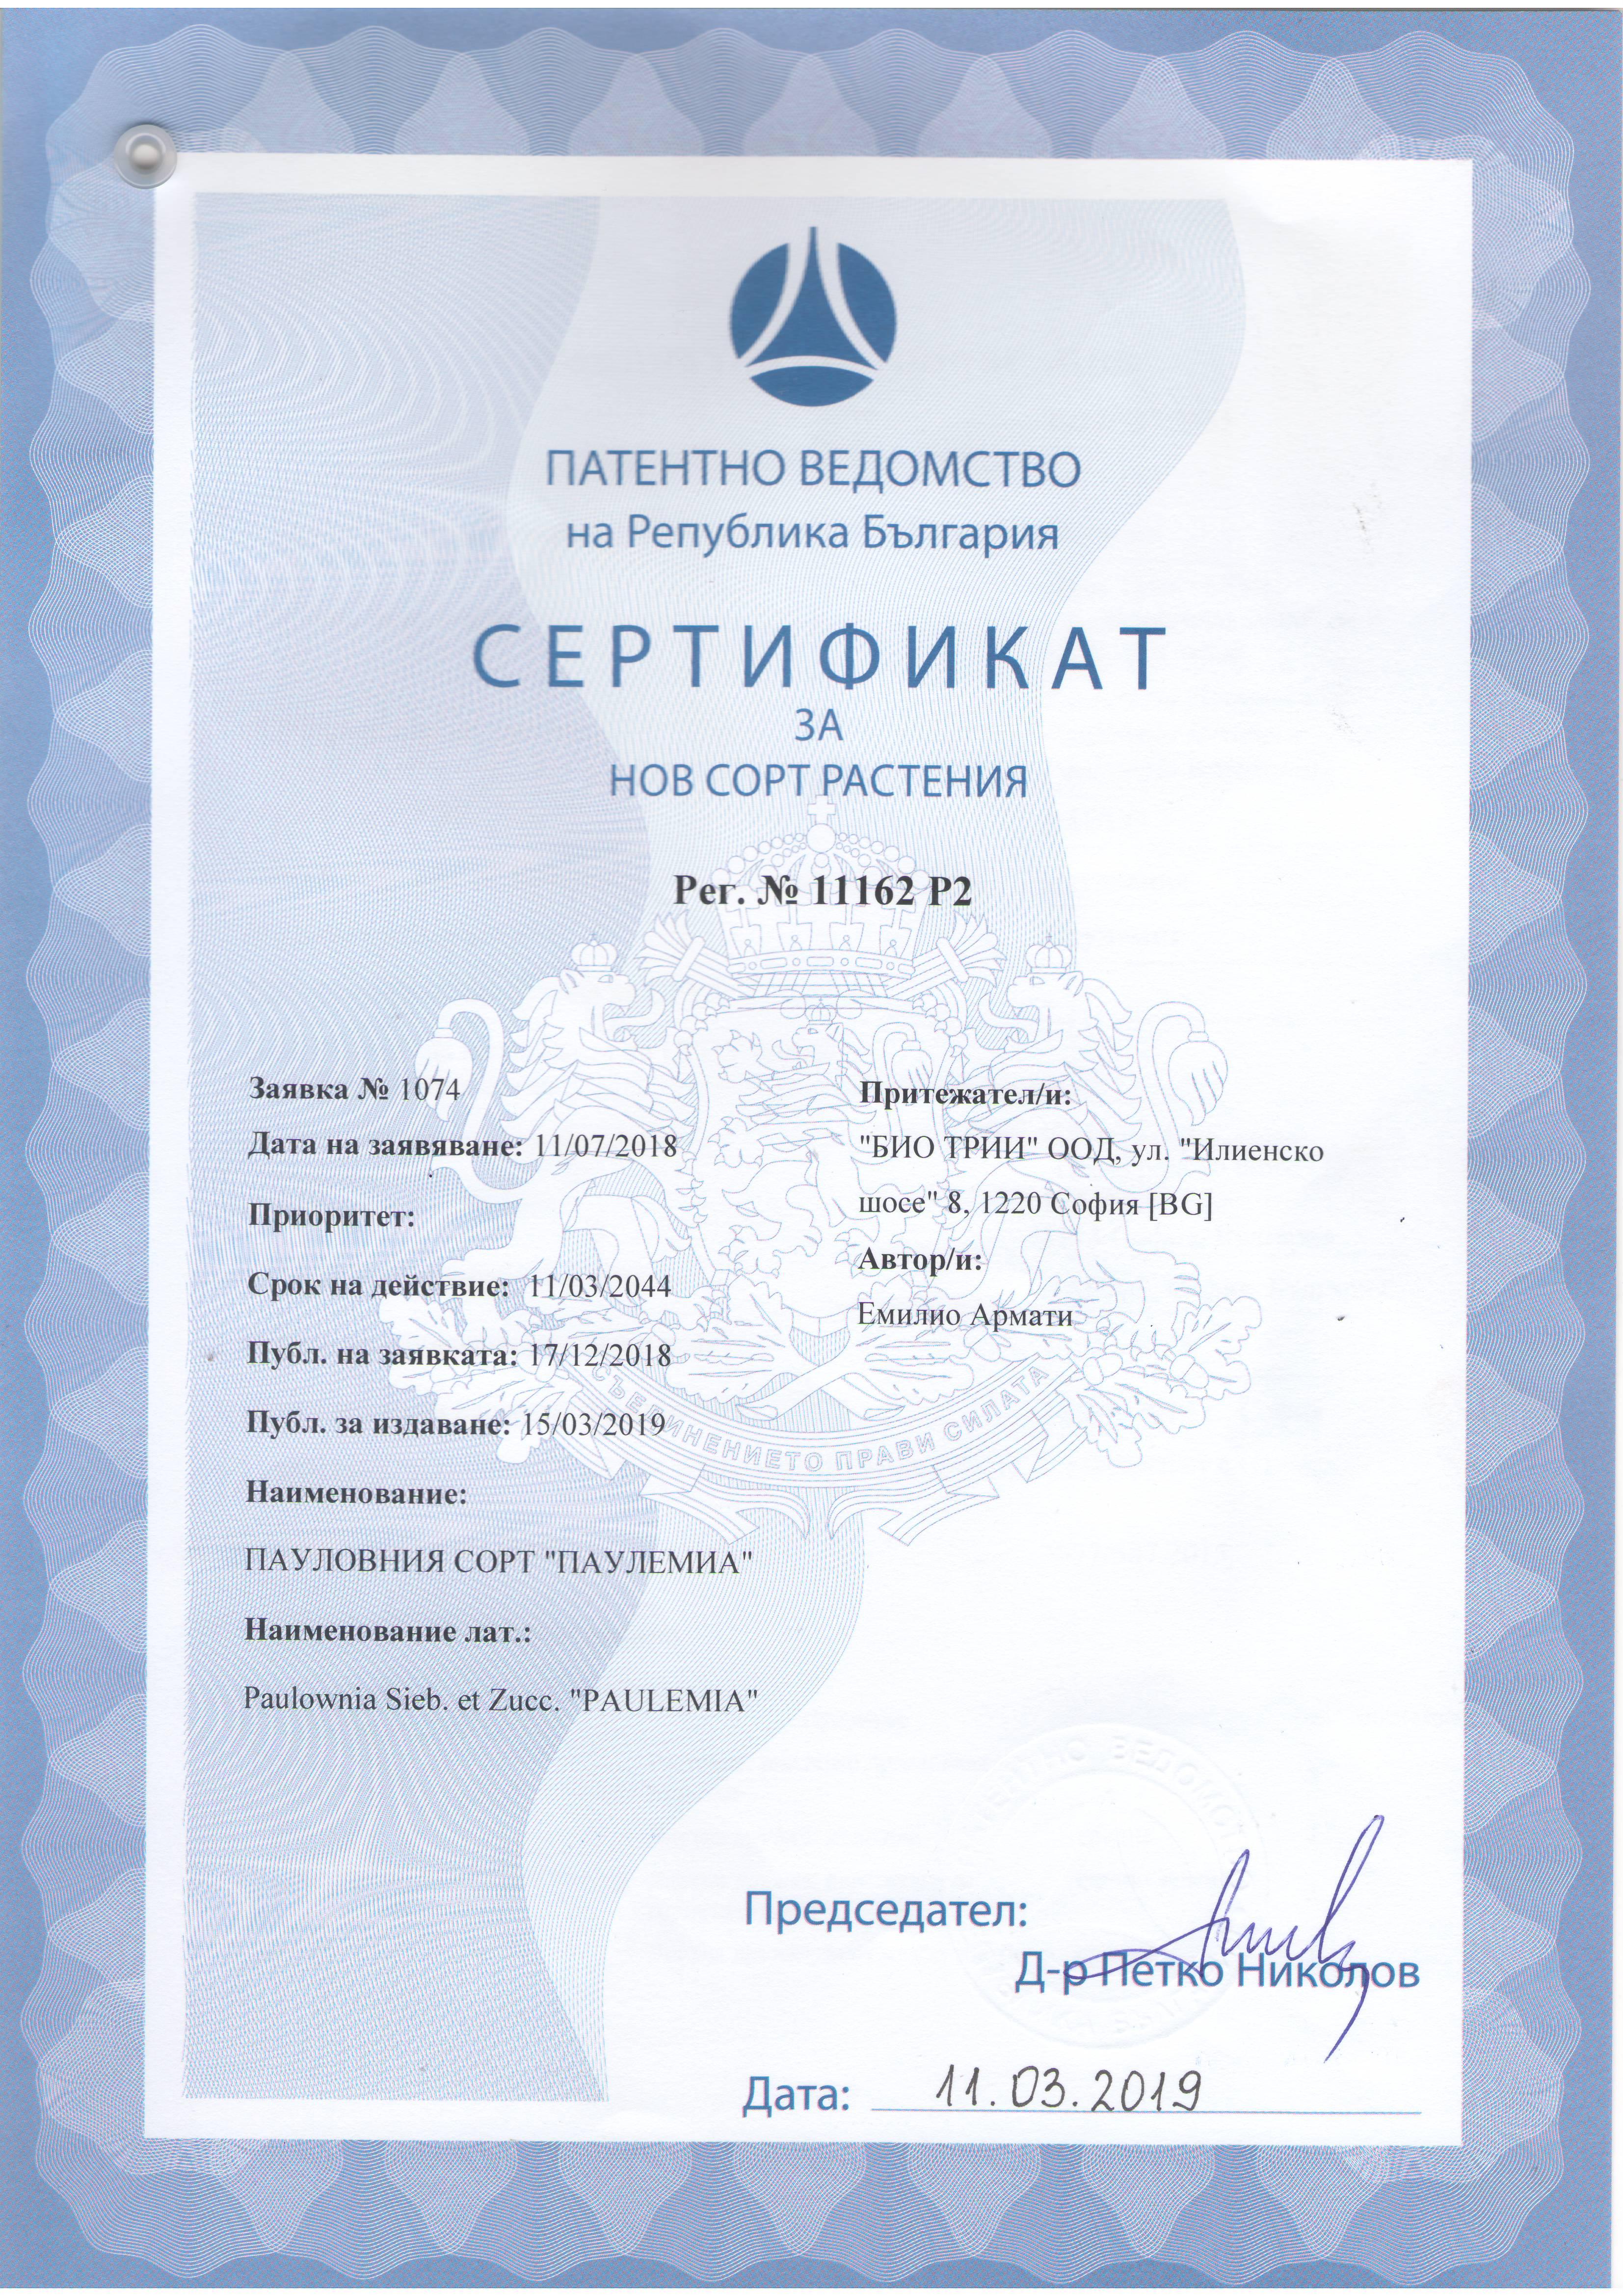 Сертификат нов сорт растение